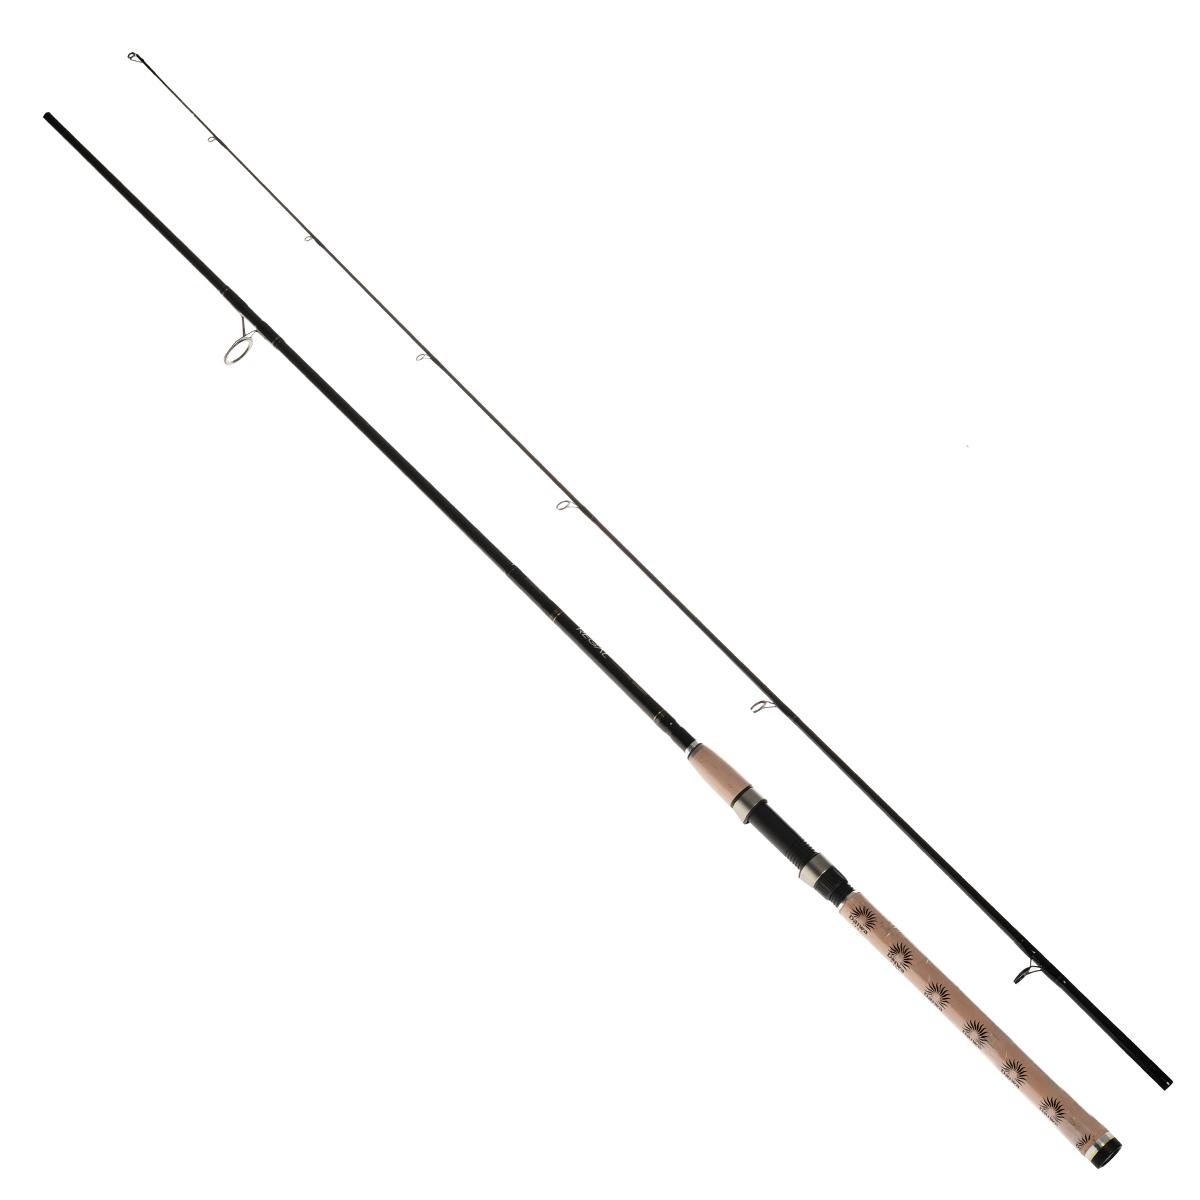 Удилище спиннинговое Daiwa Regal, штекерное, 2,7 м, 10-40 г